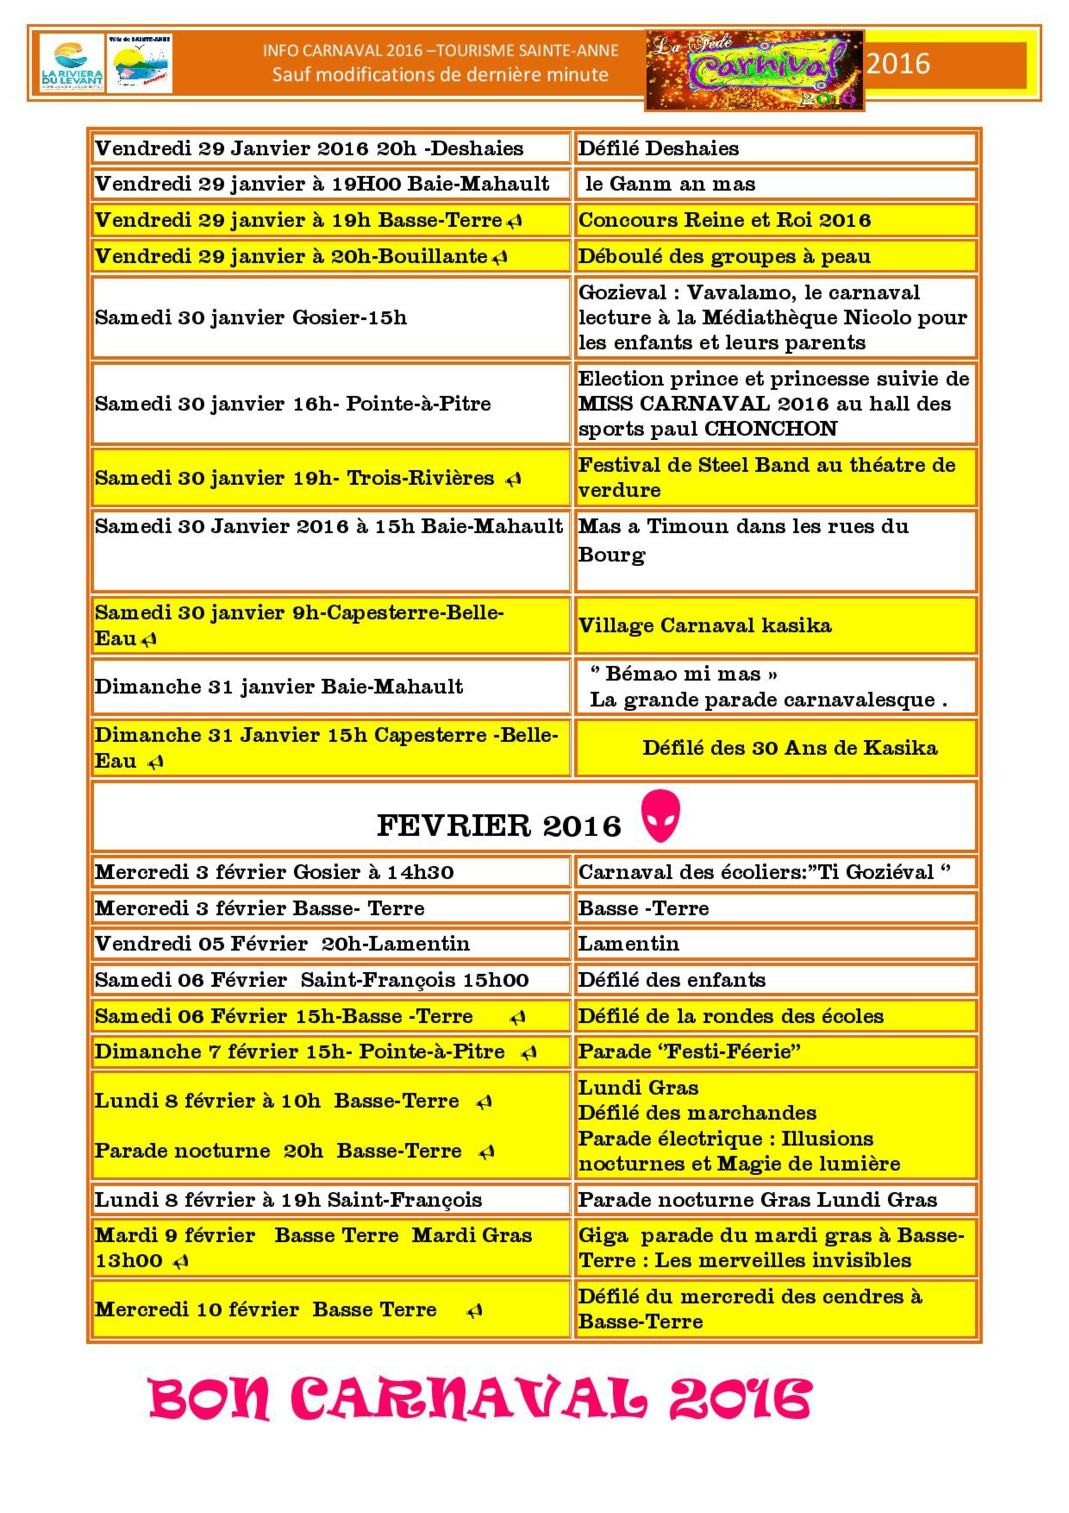 programma carnaval 2016 en Guadeloupe